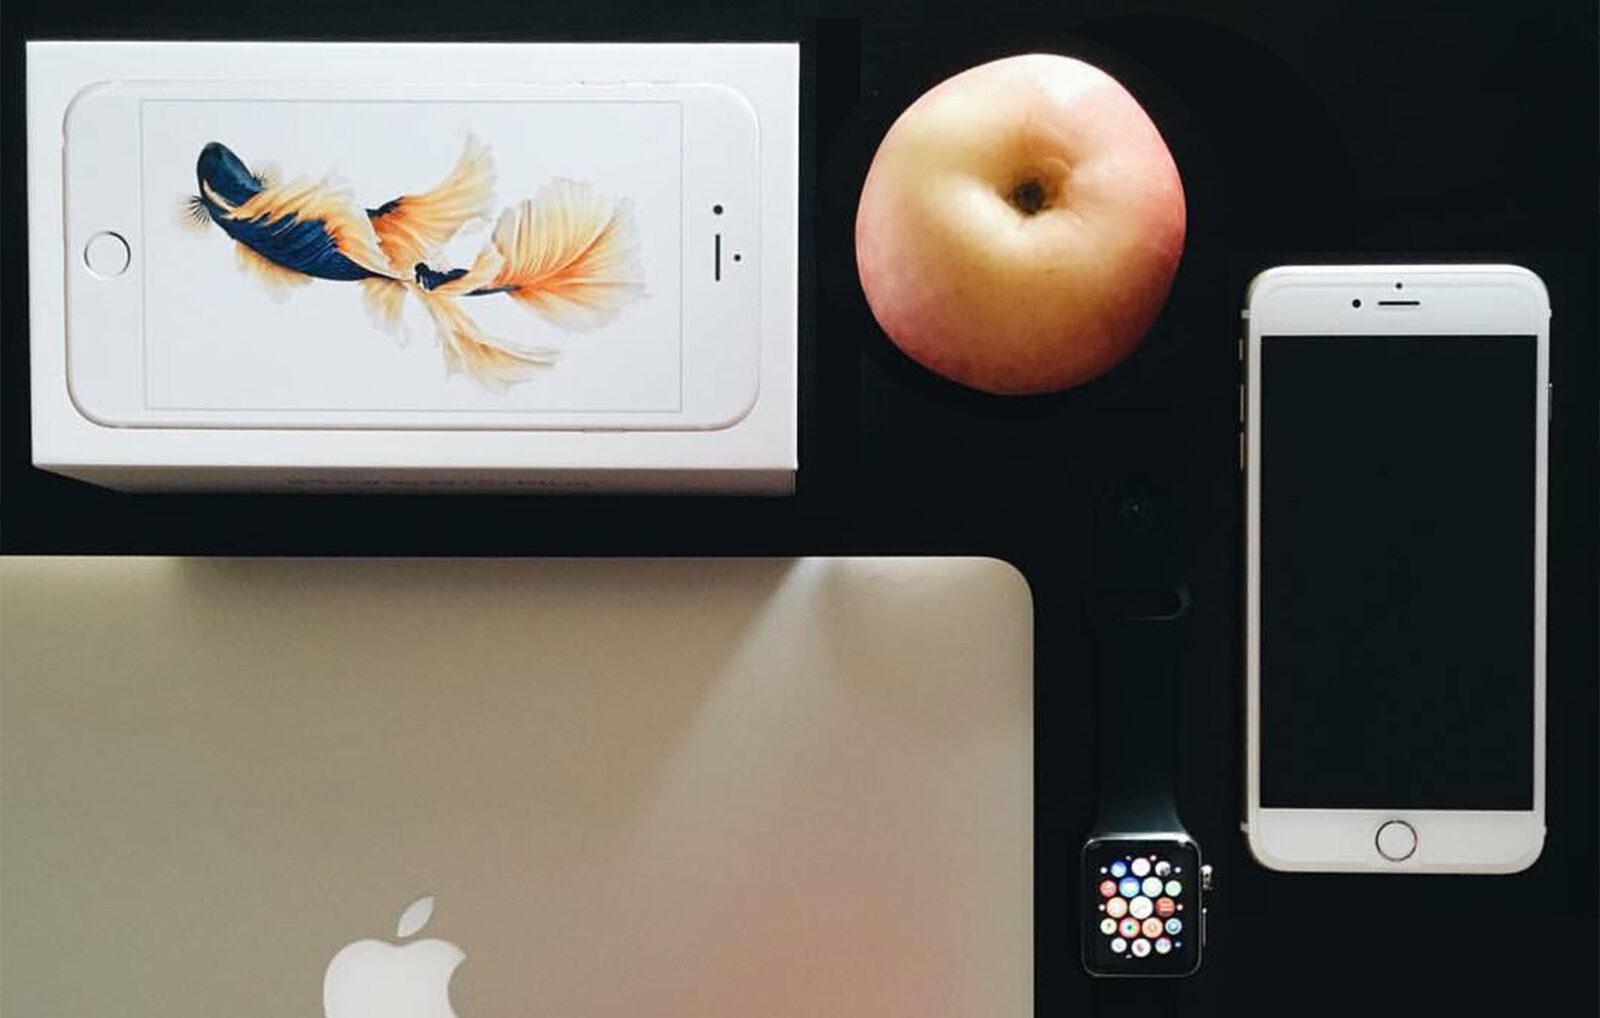 iiphone 7 con scatola mela e mac book